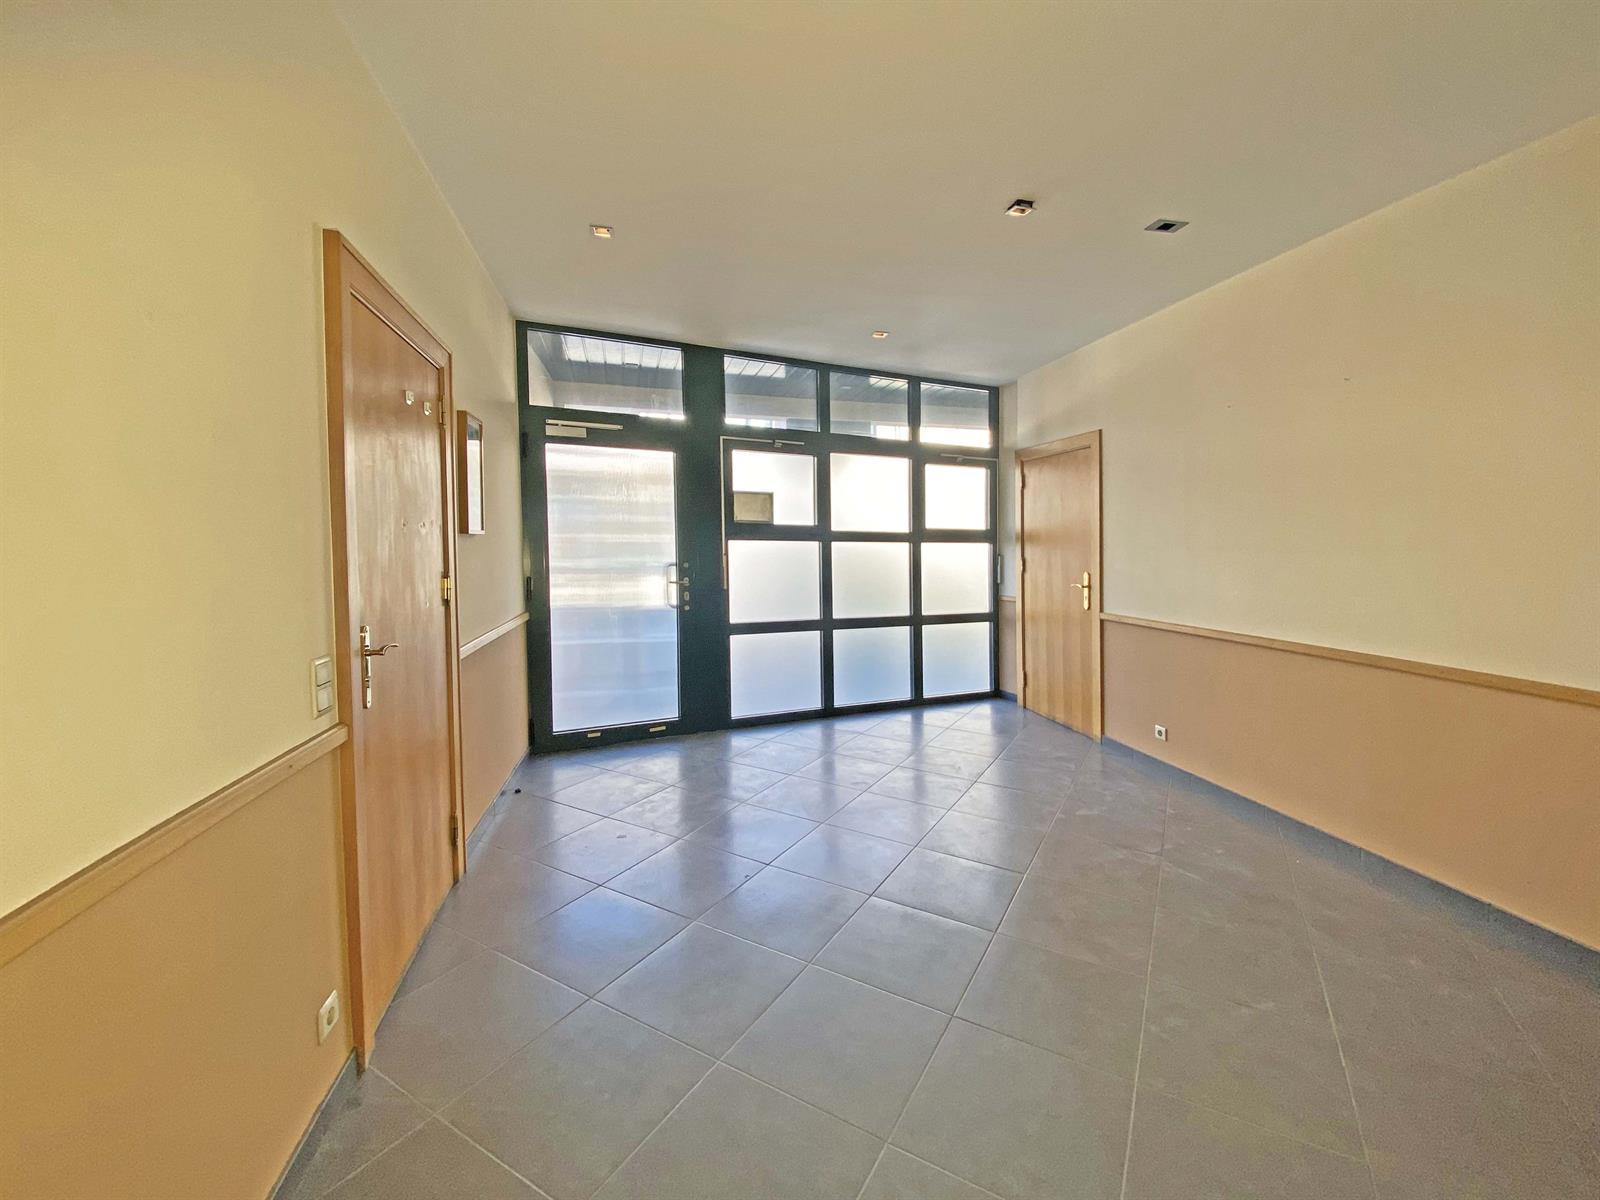 Appartement - Neufchâteau - #4360958-2